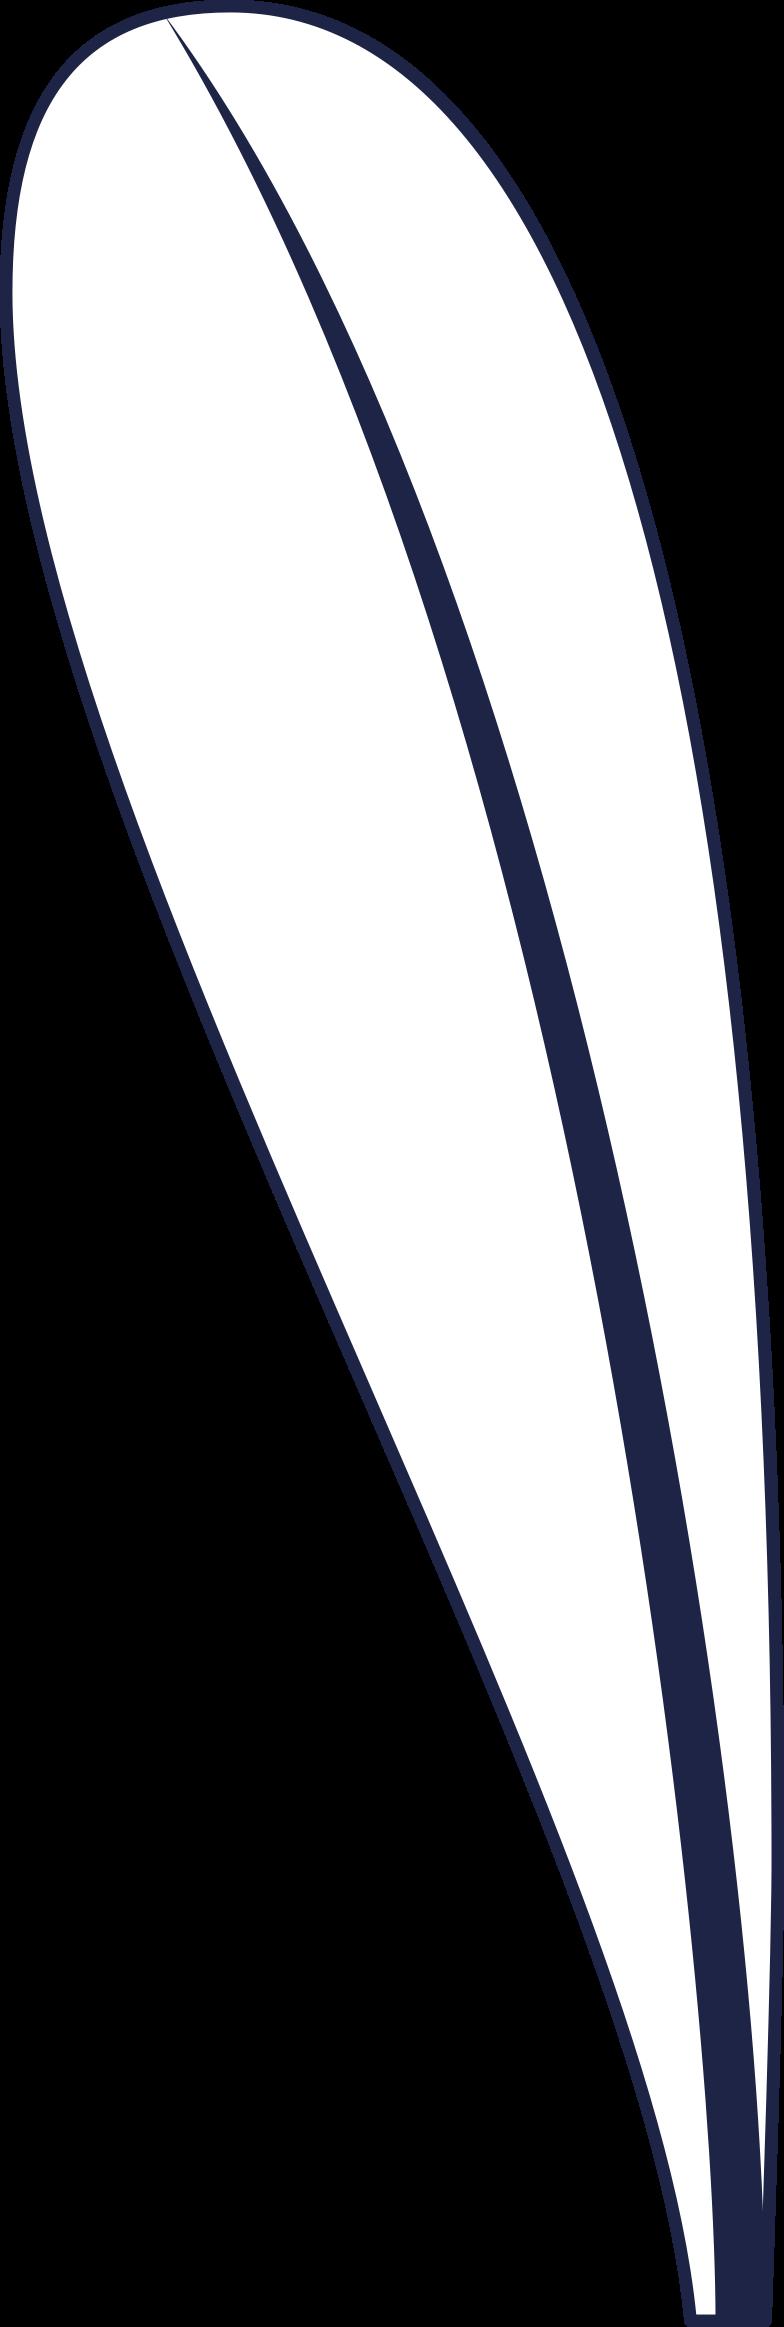 leaf 4 line Clipart illustration in PNG, SVG